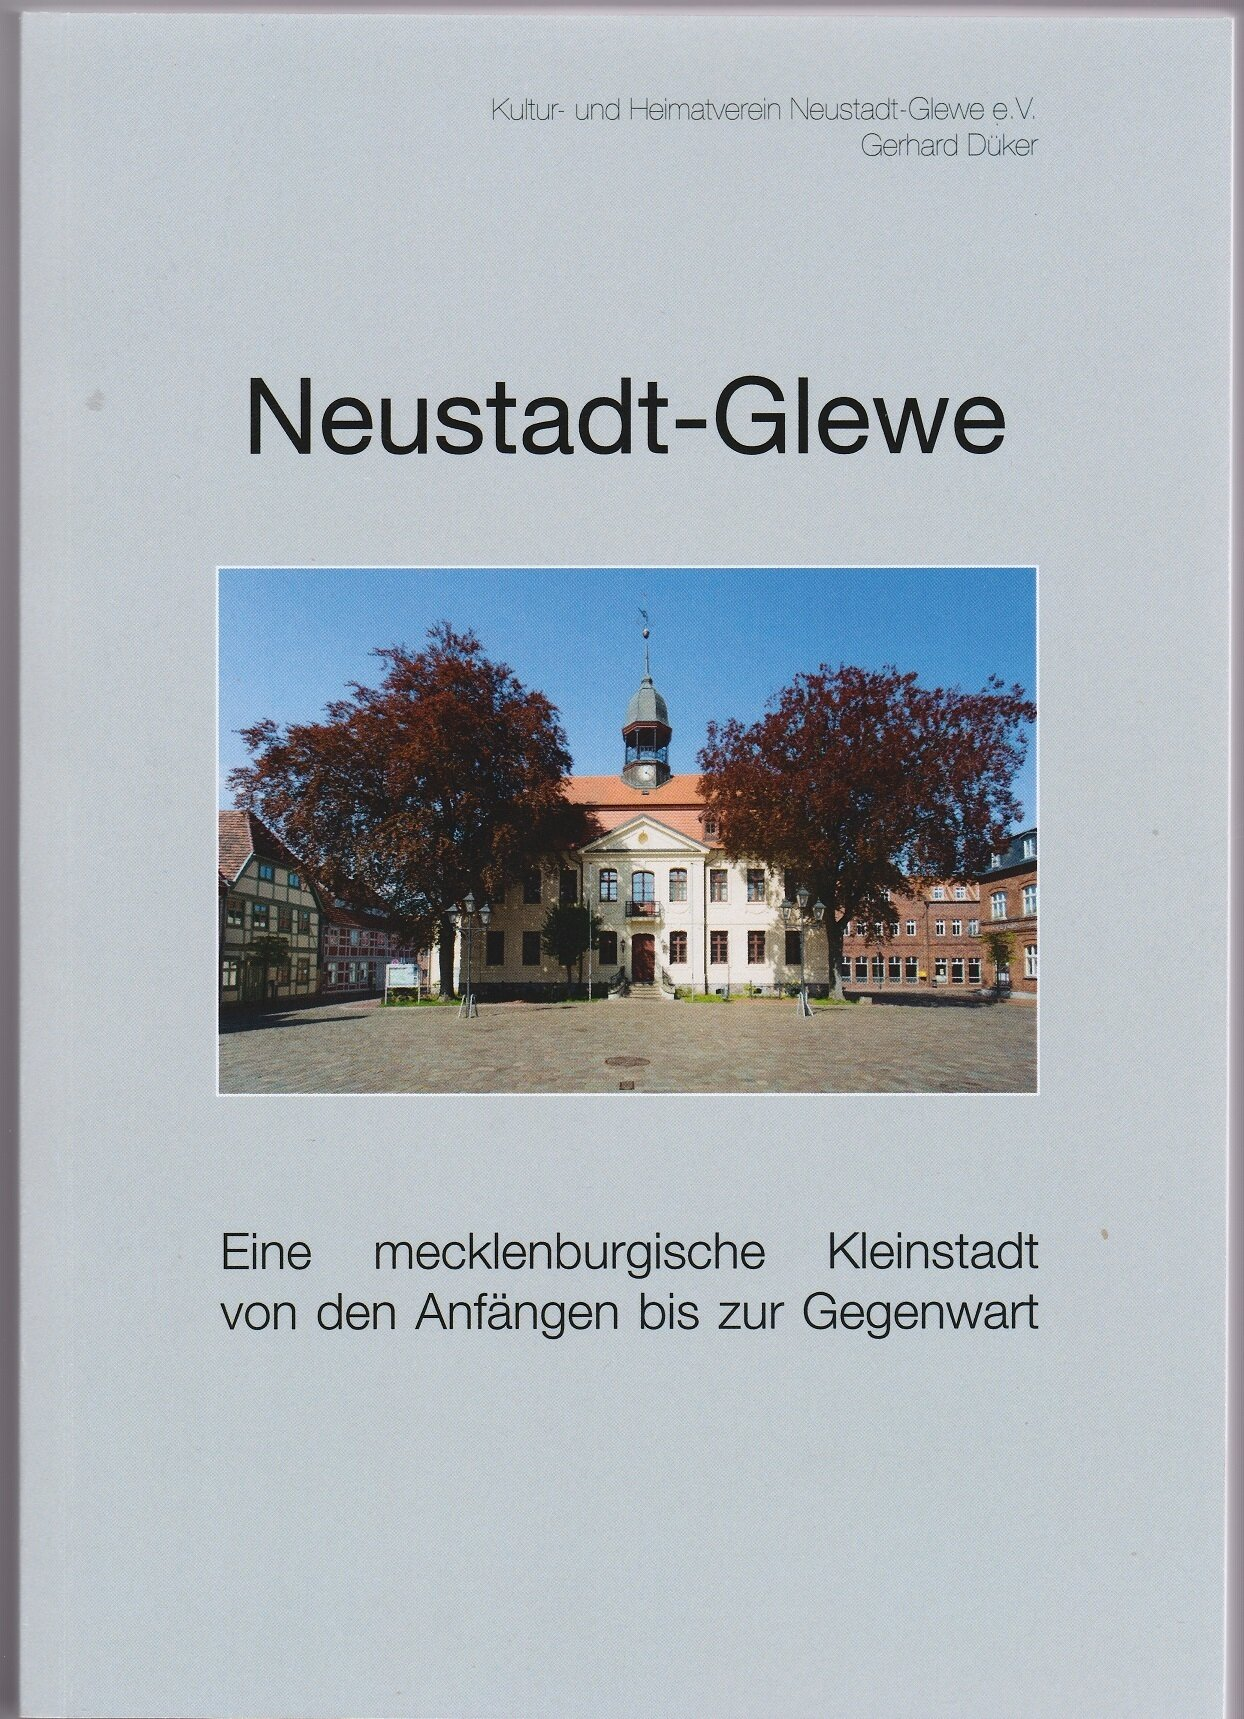 Neustadt-Glewe, Teil 1